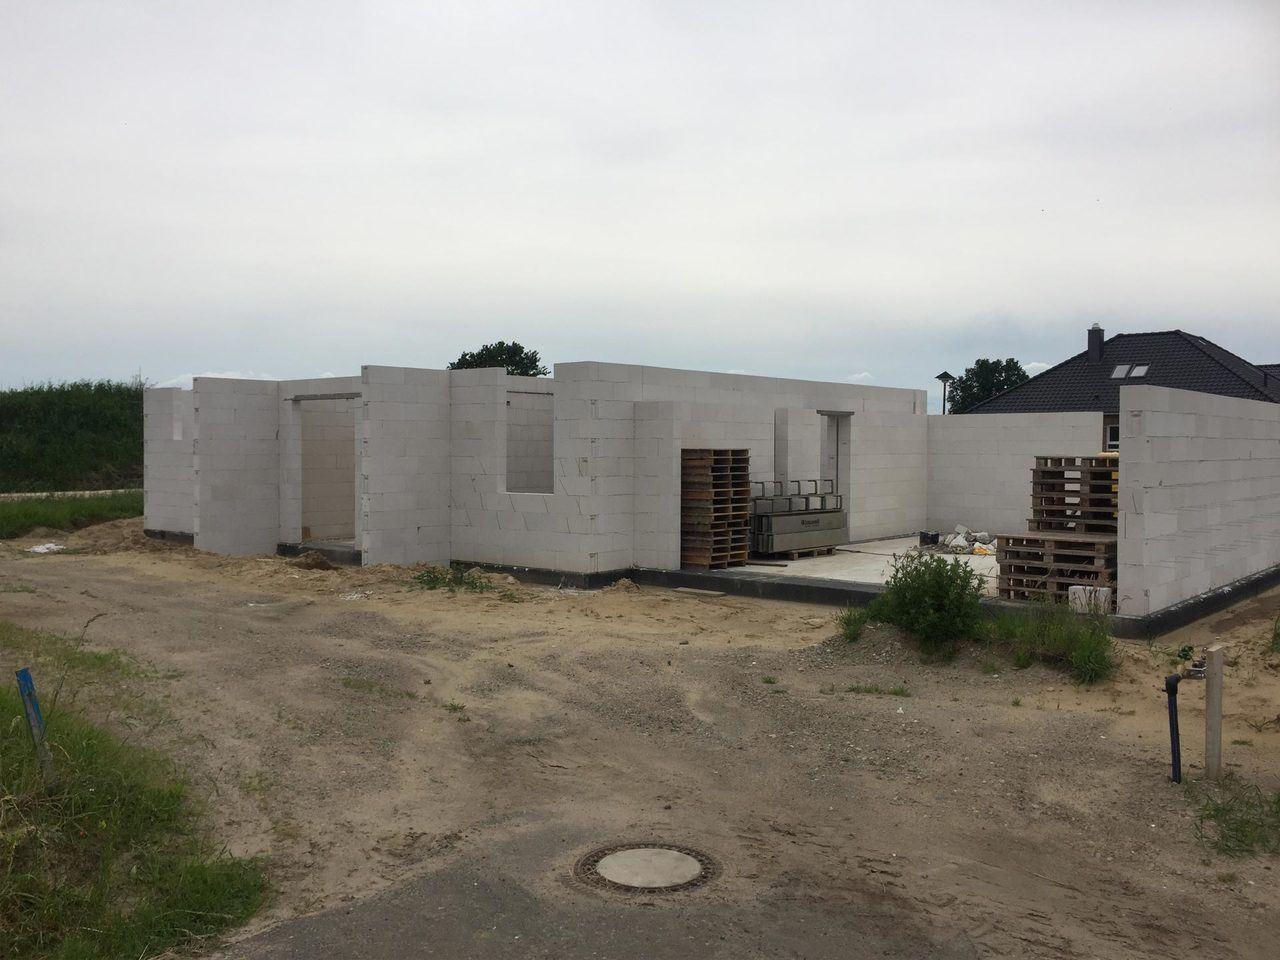 Baustelle - Norddeutschland - Rohbau EFH